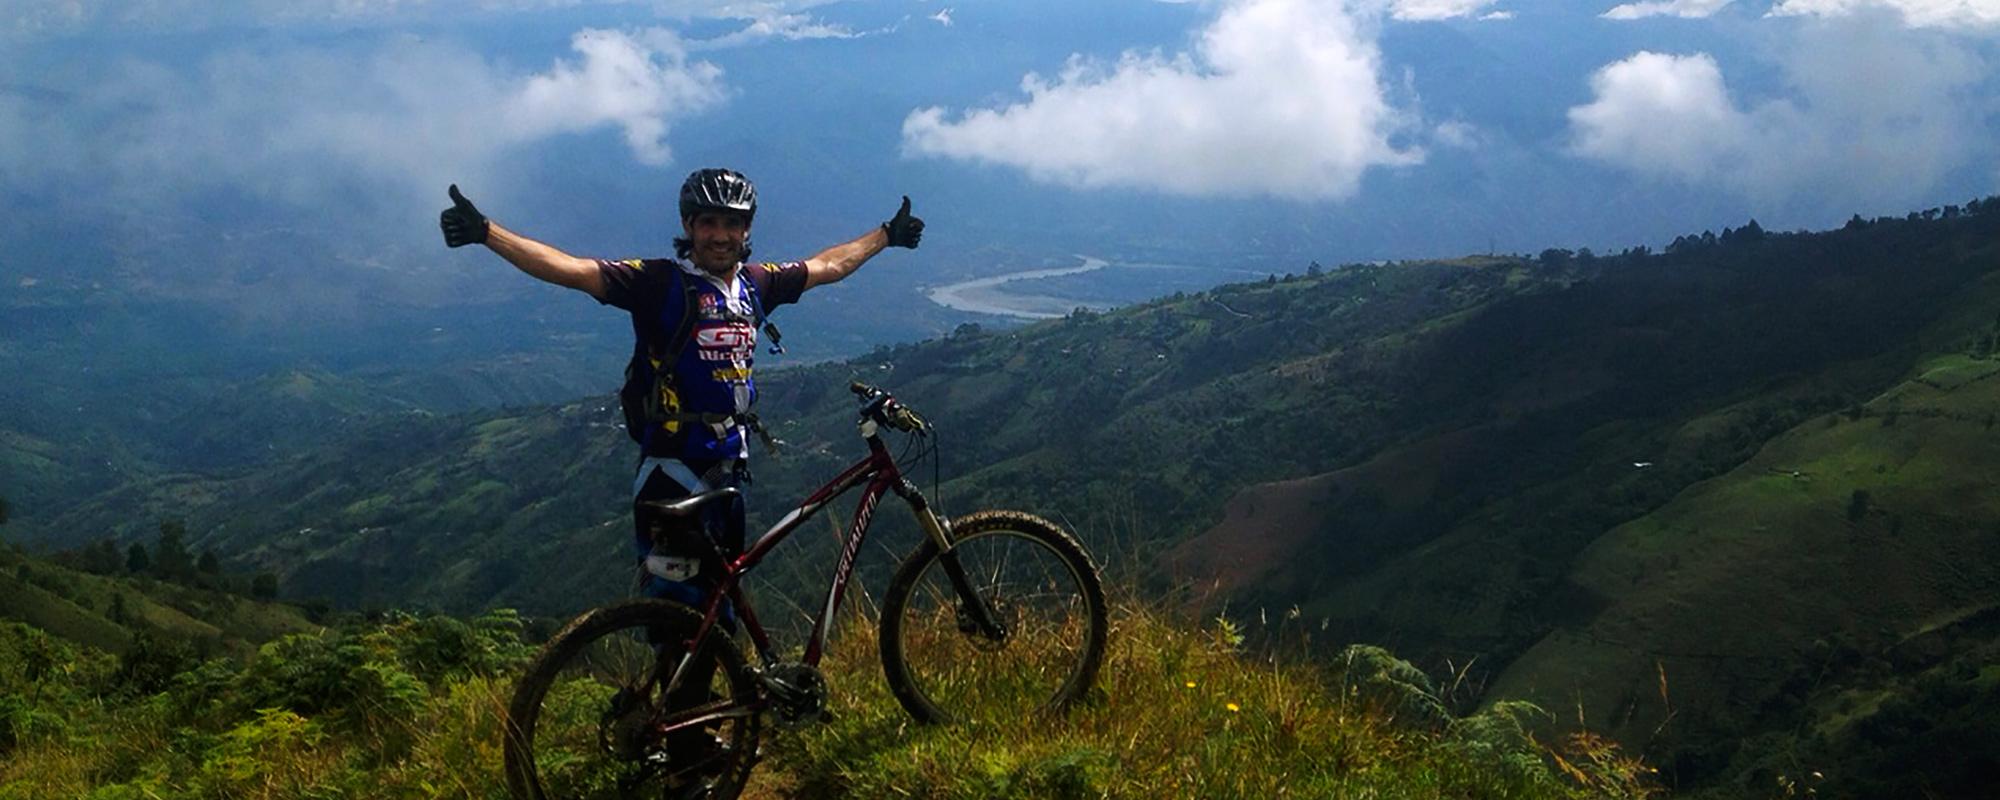 medellin-biking-001 Medellin Biking